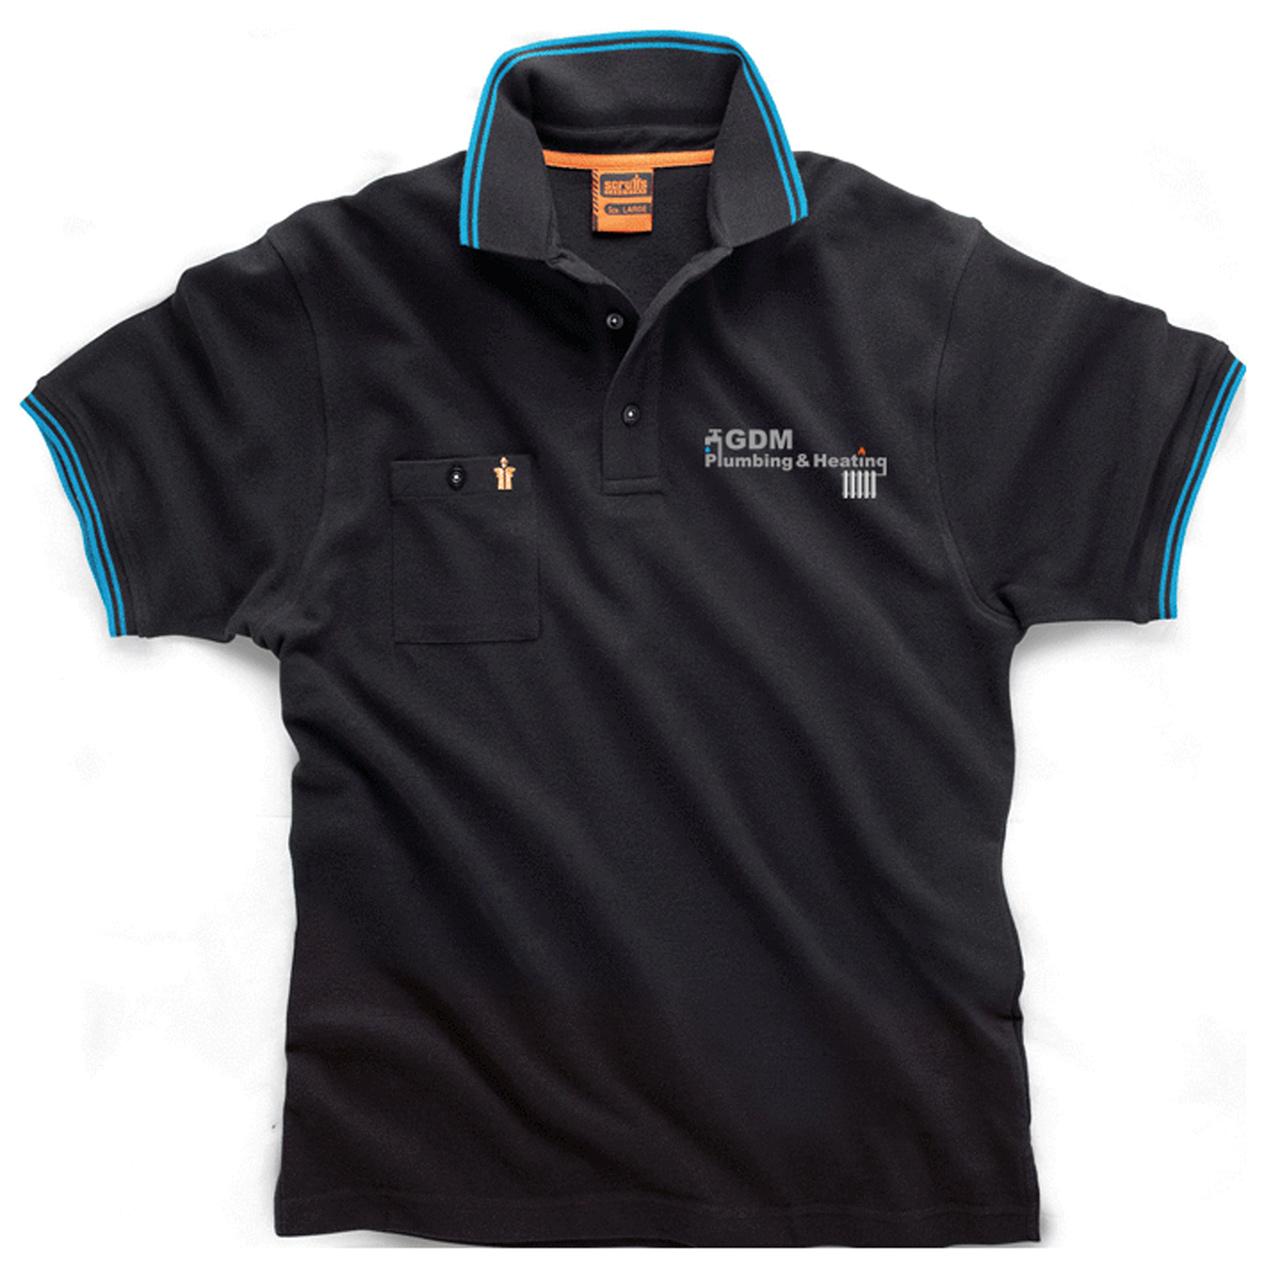 gdm branded polo